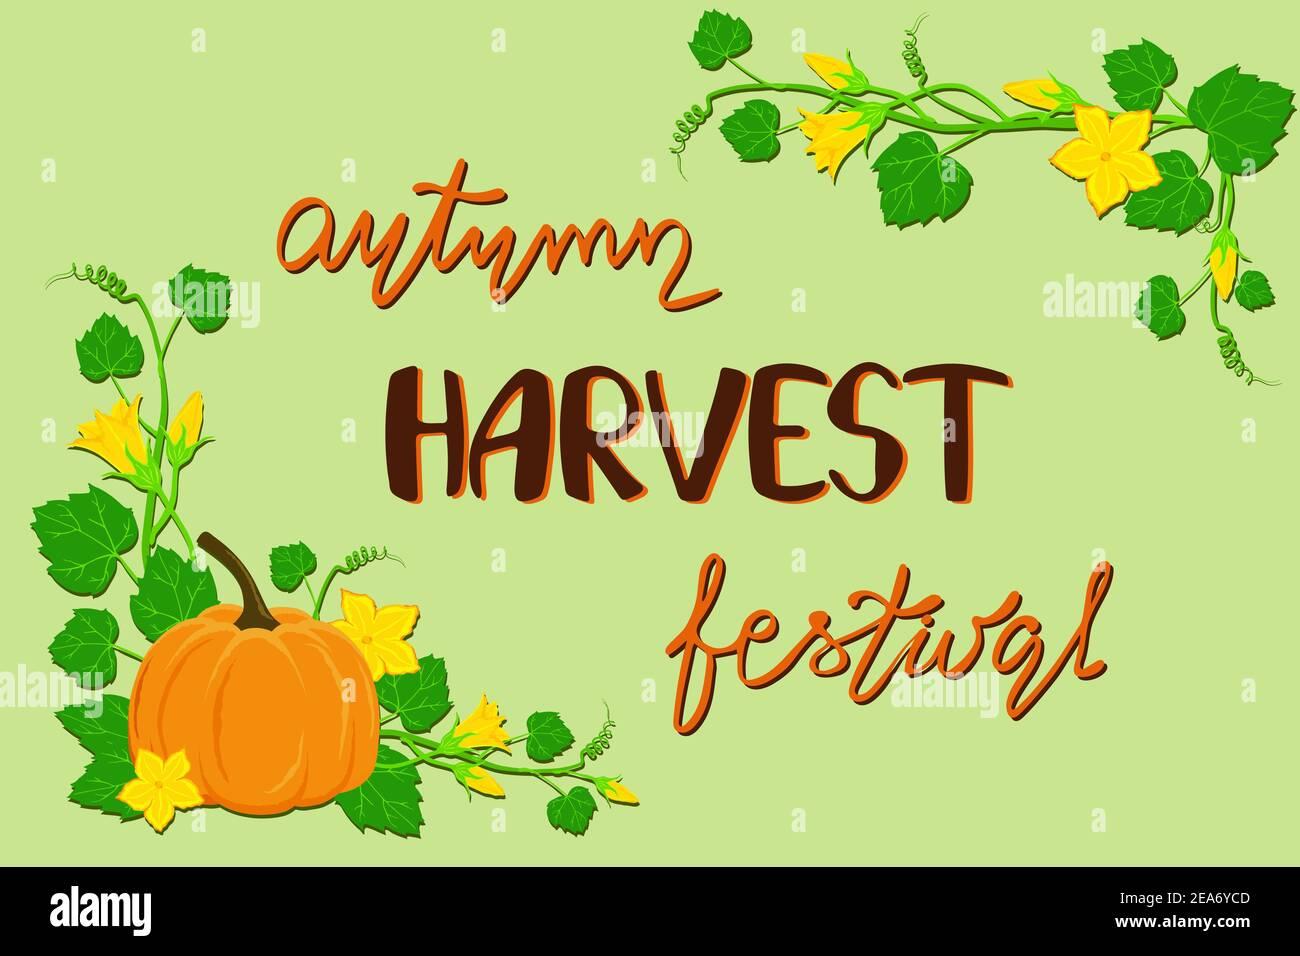 Autumn harvest festival poster Stock Vector